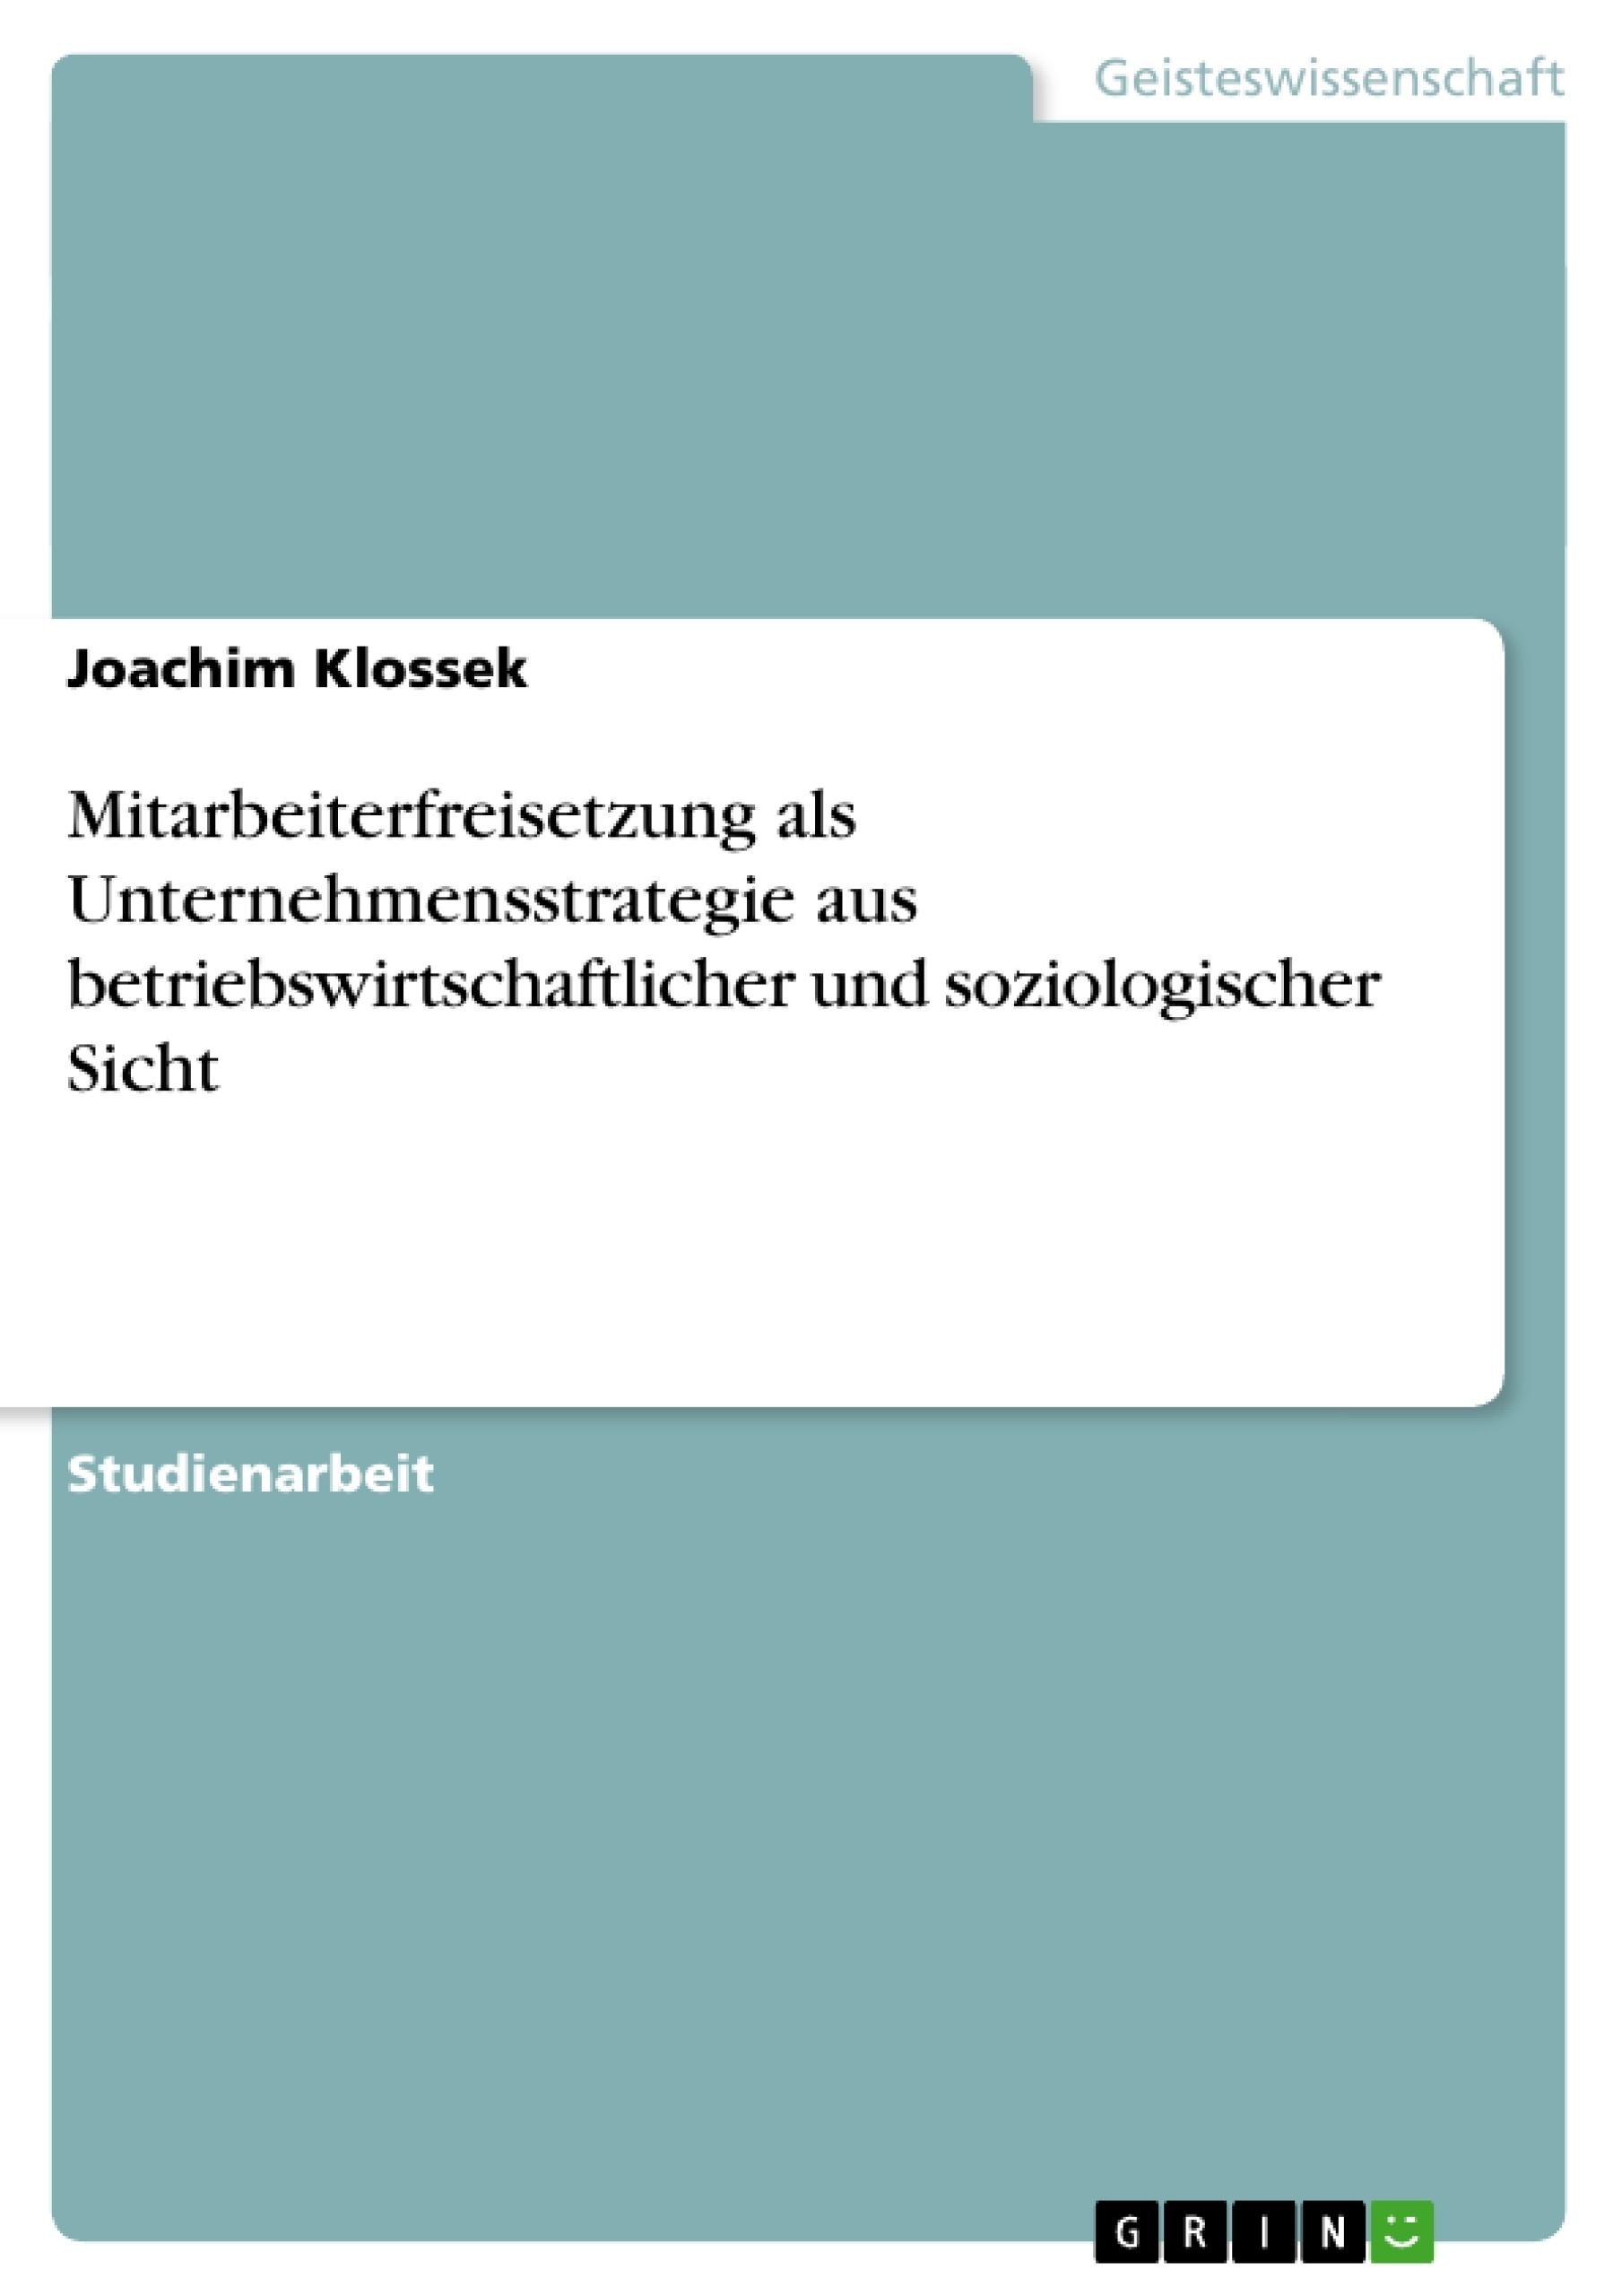 Titel: Mitarbeiterfreisetzung als Unternehmensstrategie aus betriebswirtschaftlicher und soziologischer Sicht